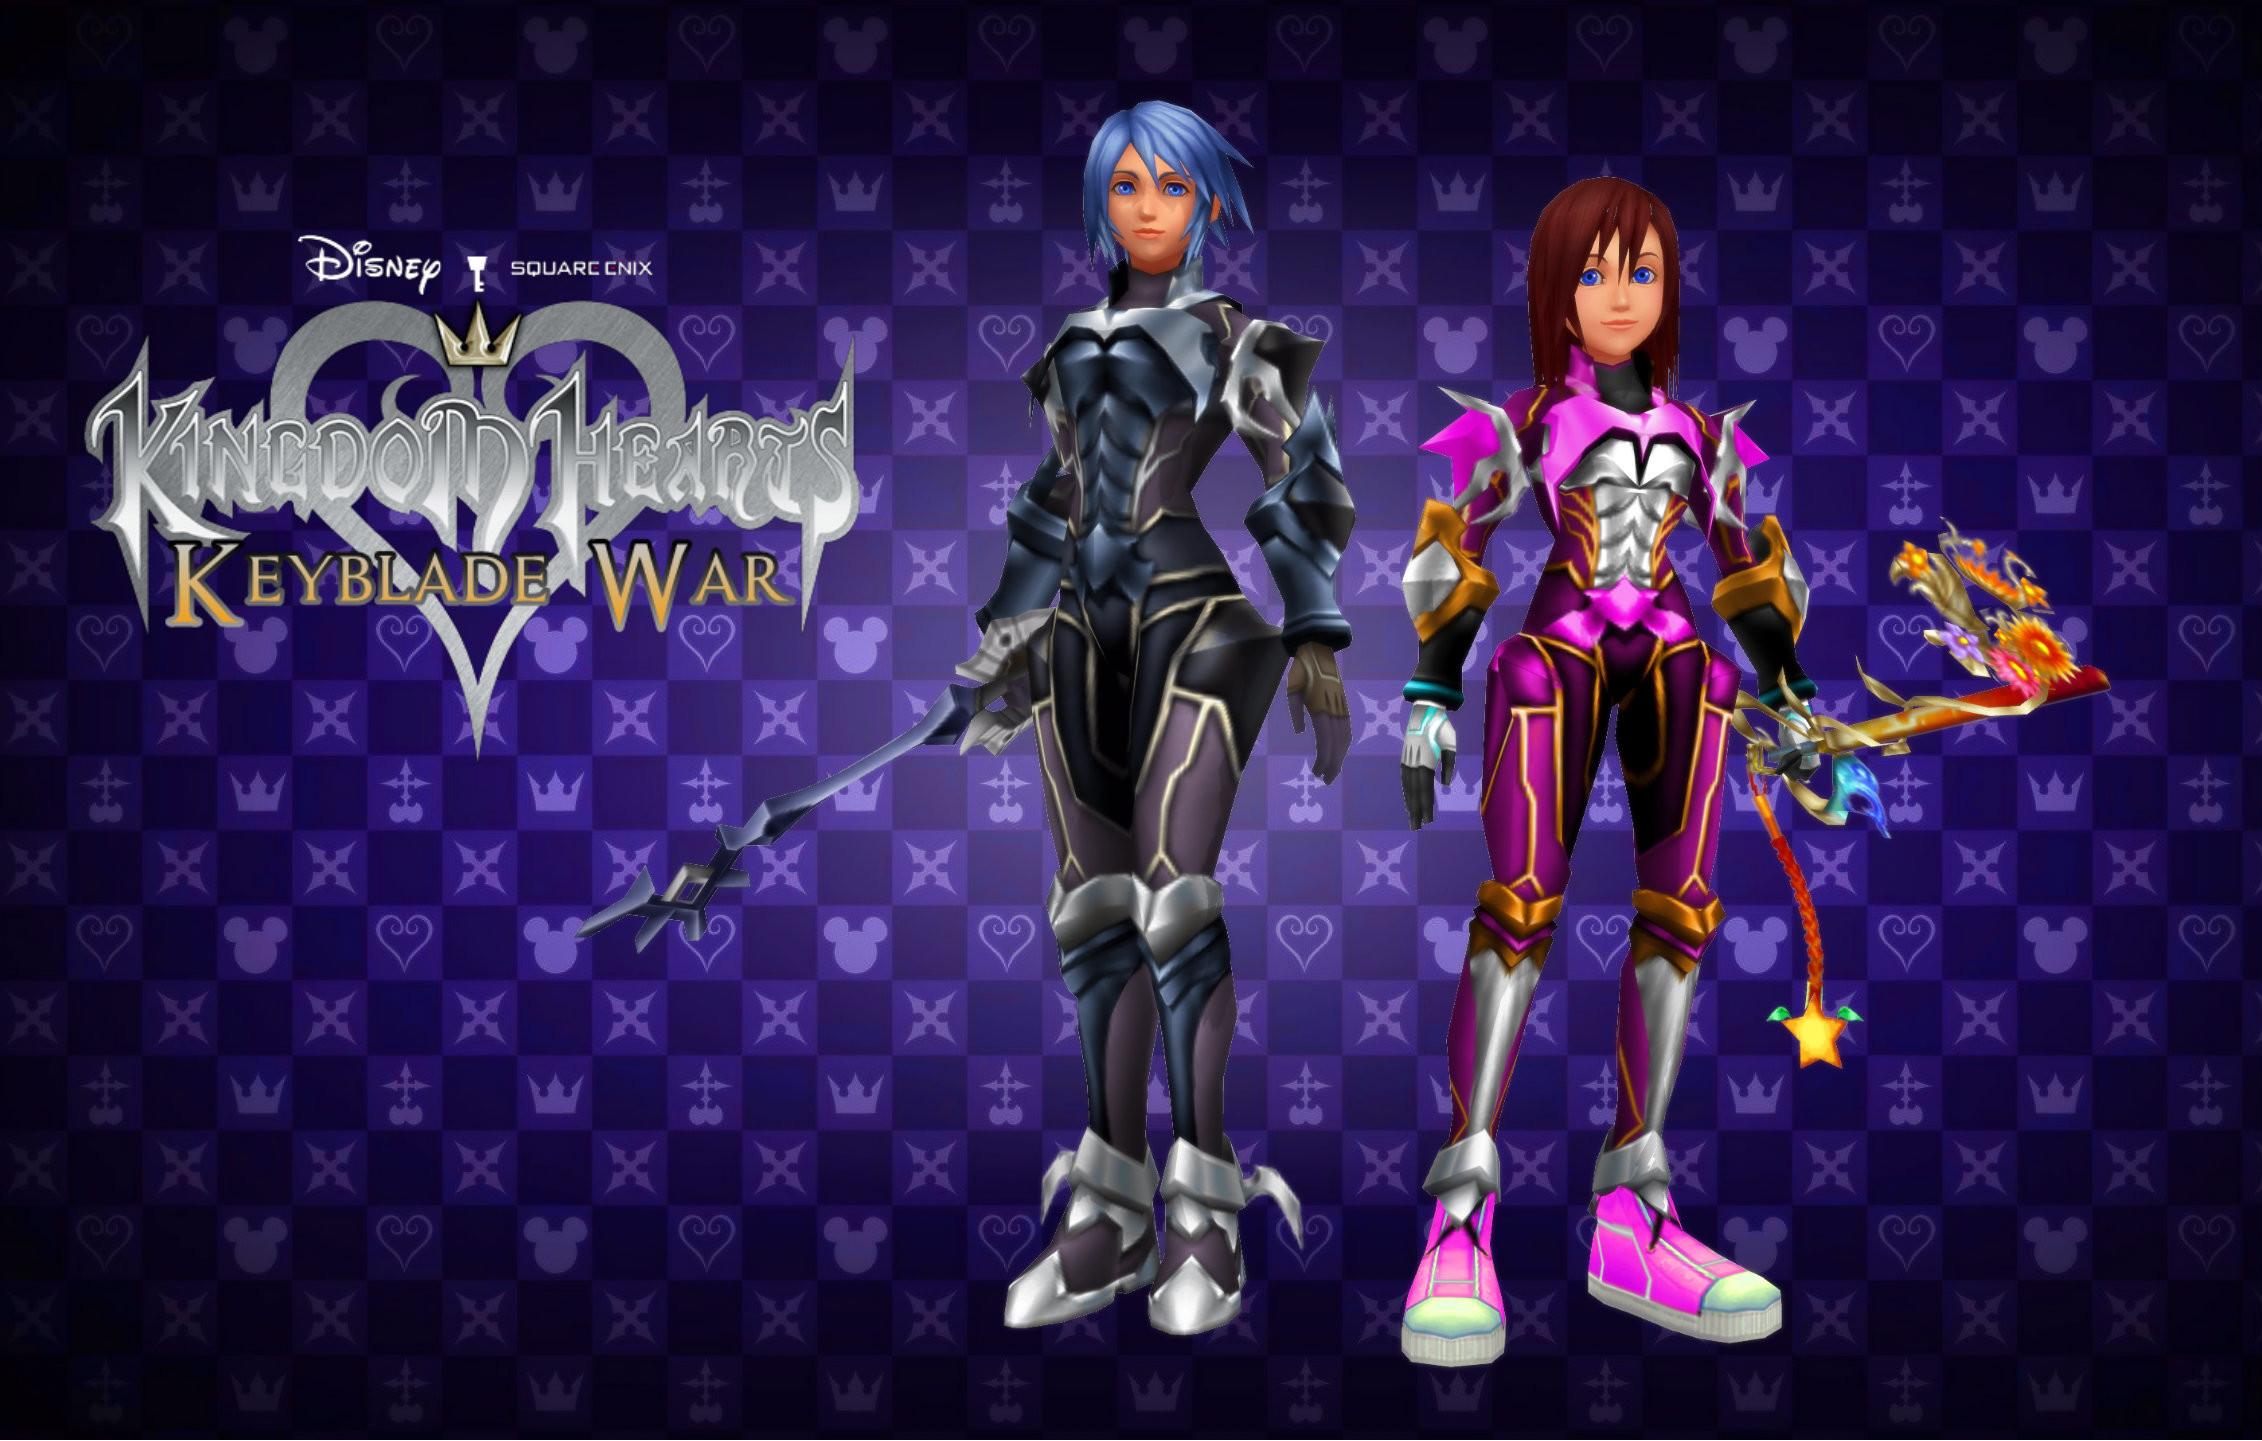 … Kingdom Hearts Keyblade War Custom Wallpaper 04 by todsen19